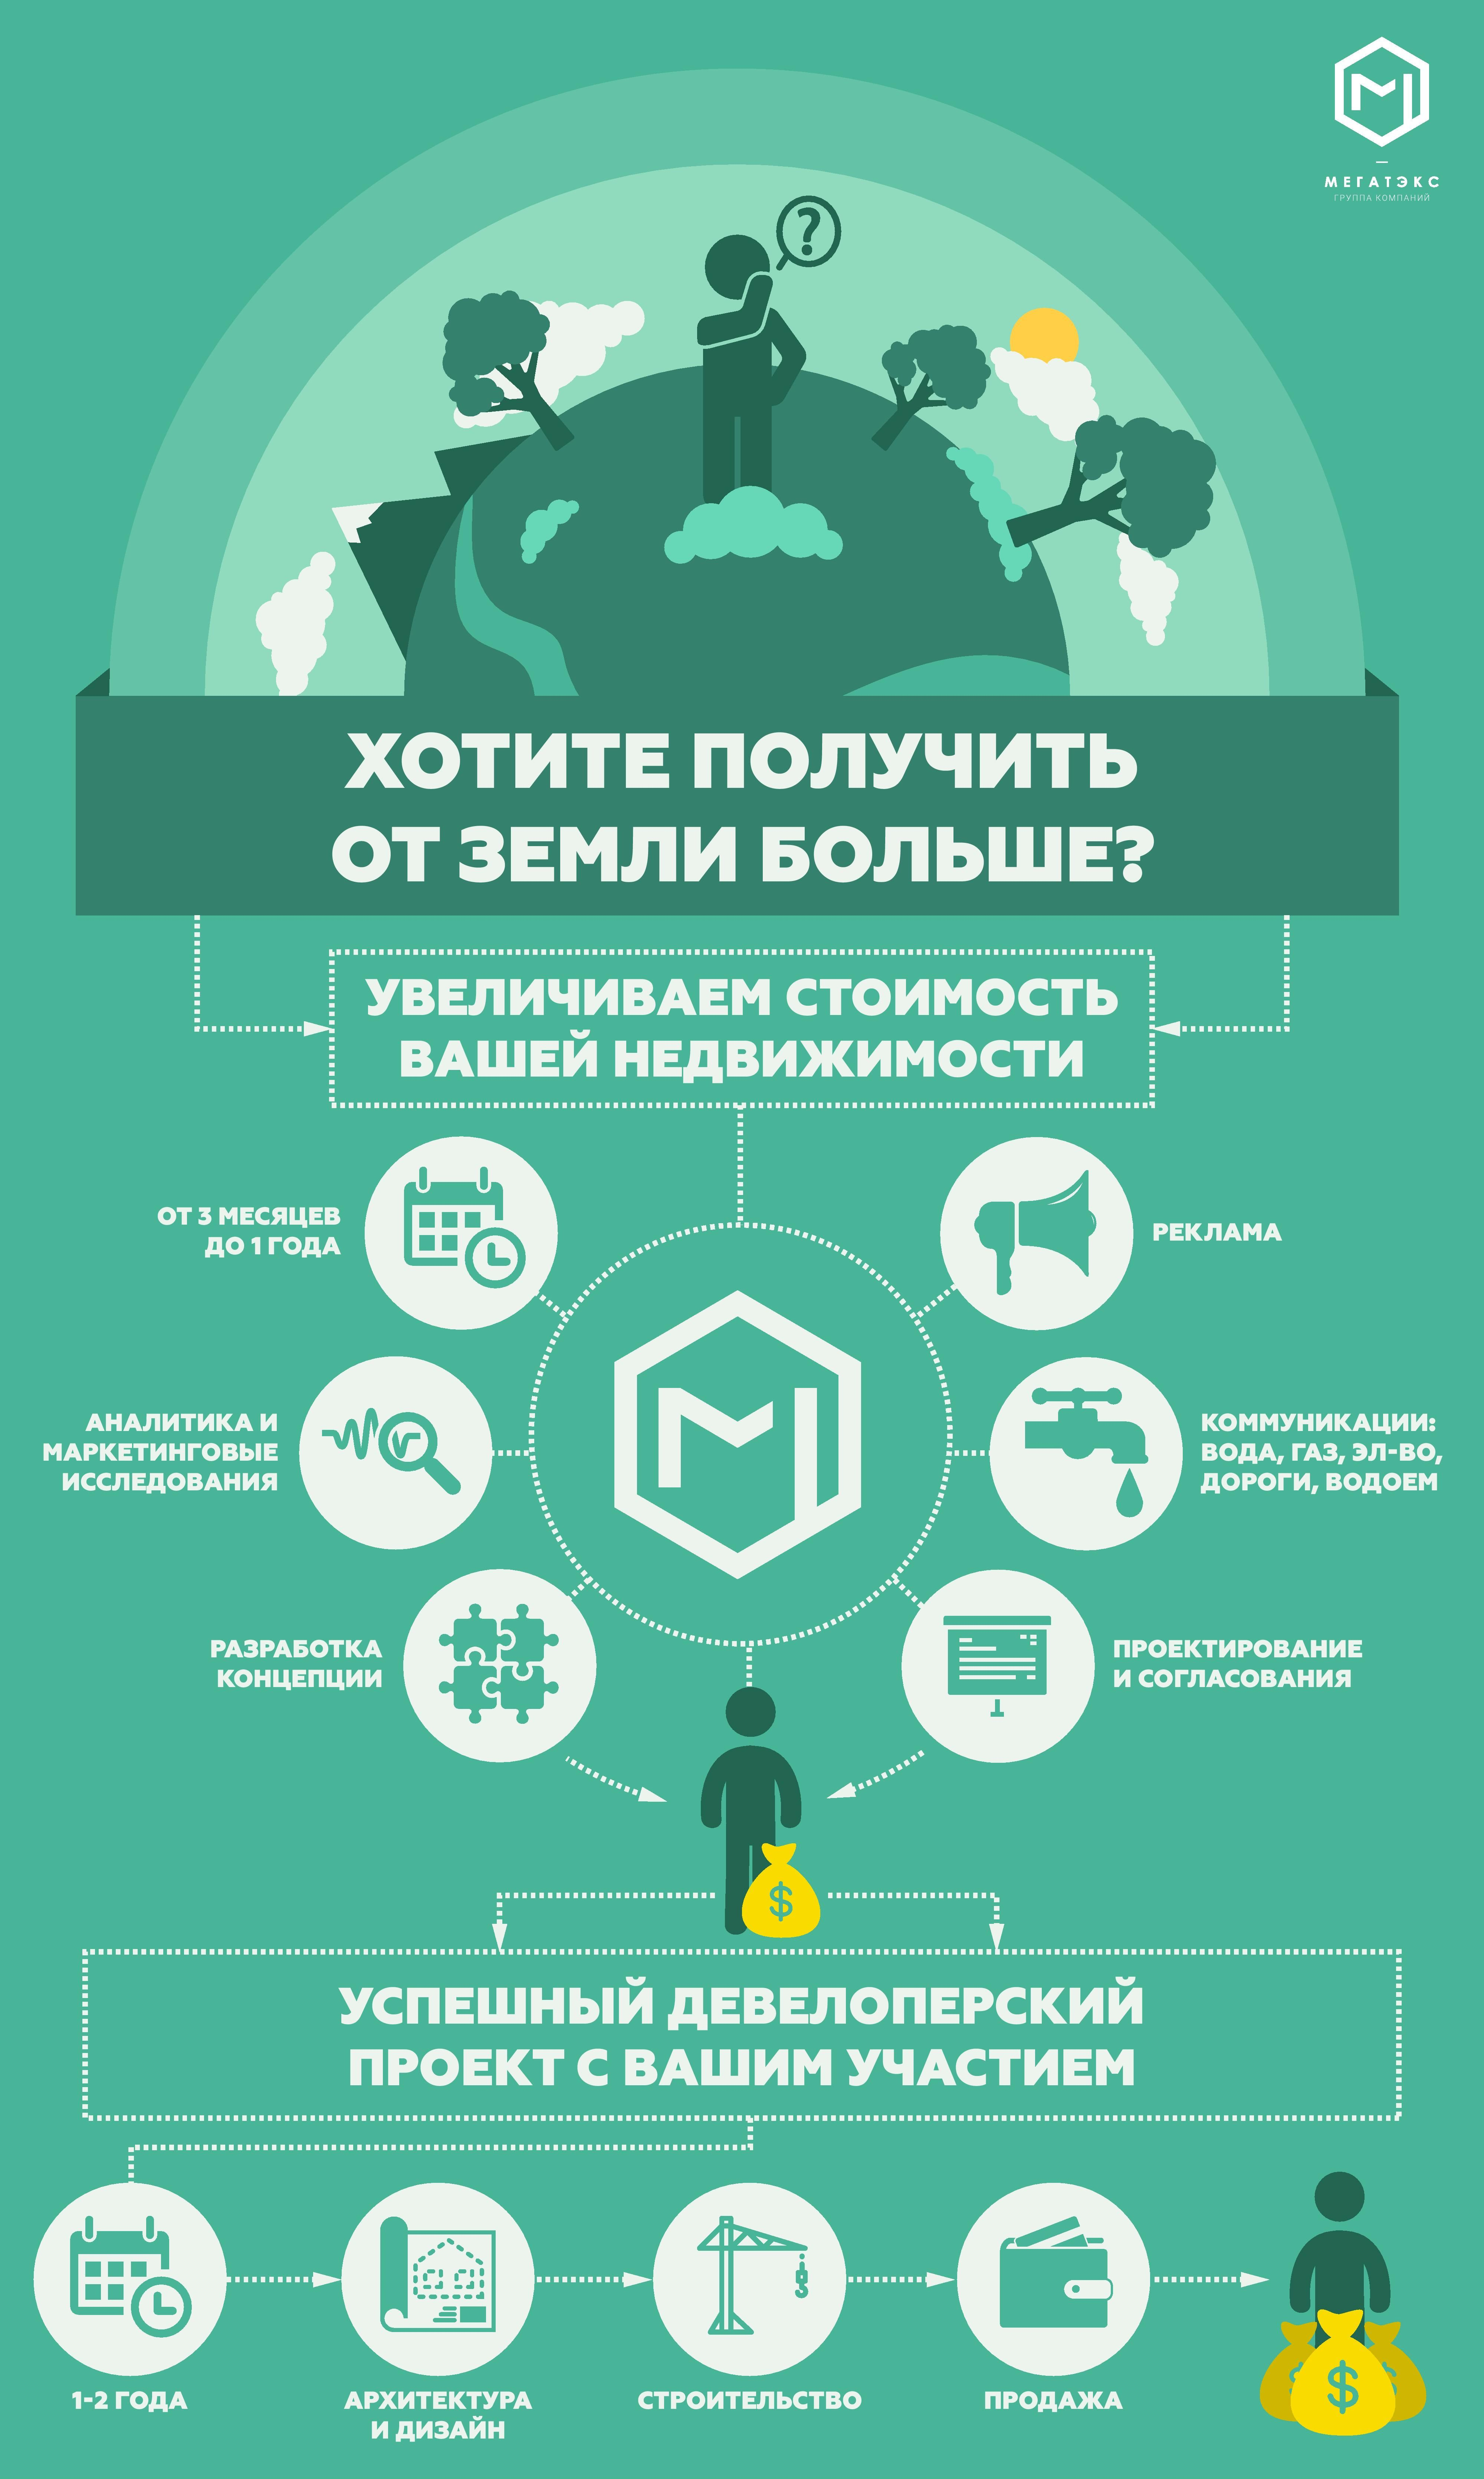 заключалась инвестиционные проекты строительства в ленинградской области возможно, существует